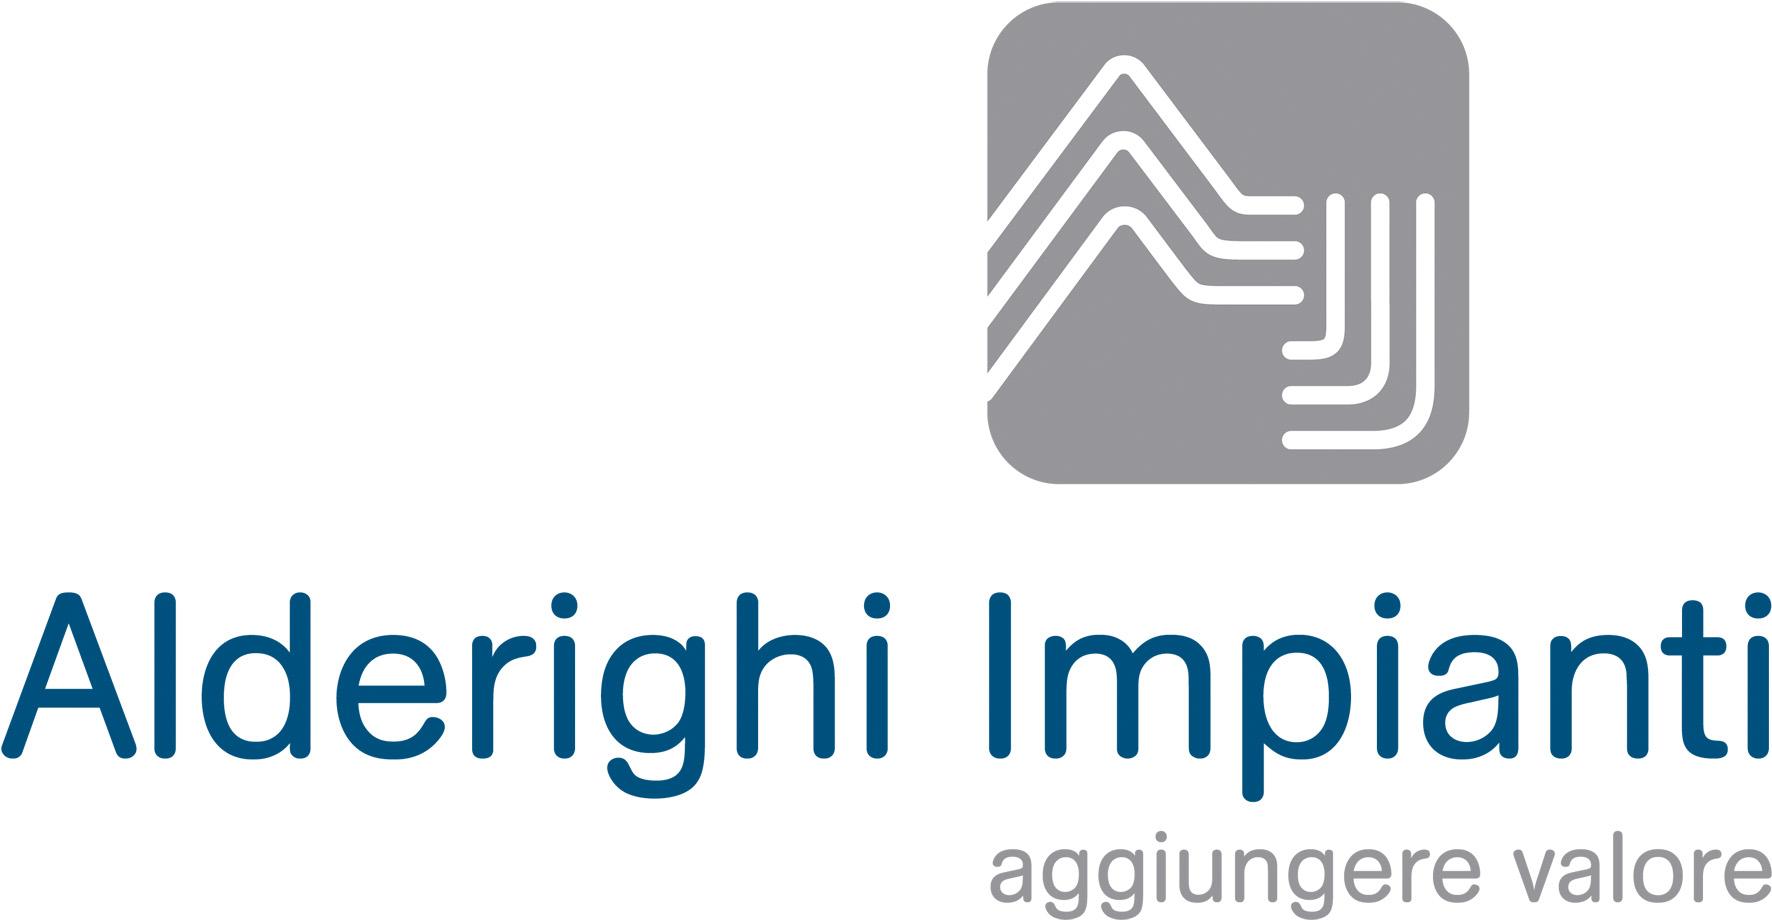 Logo aziendale Alderighi Impianti